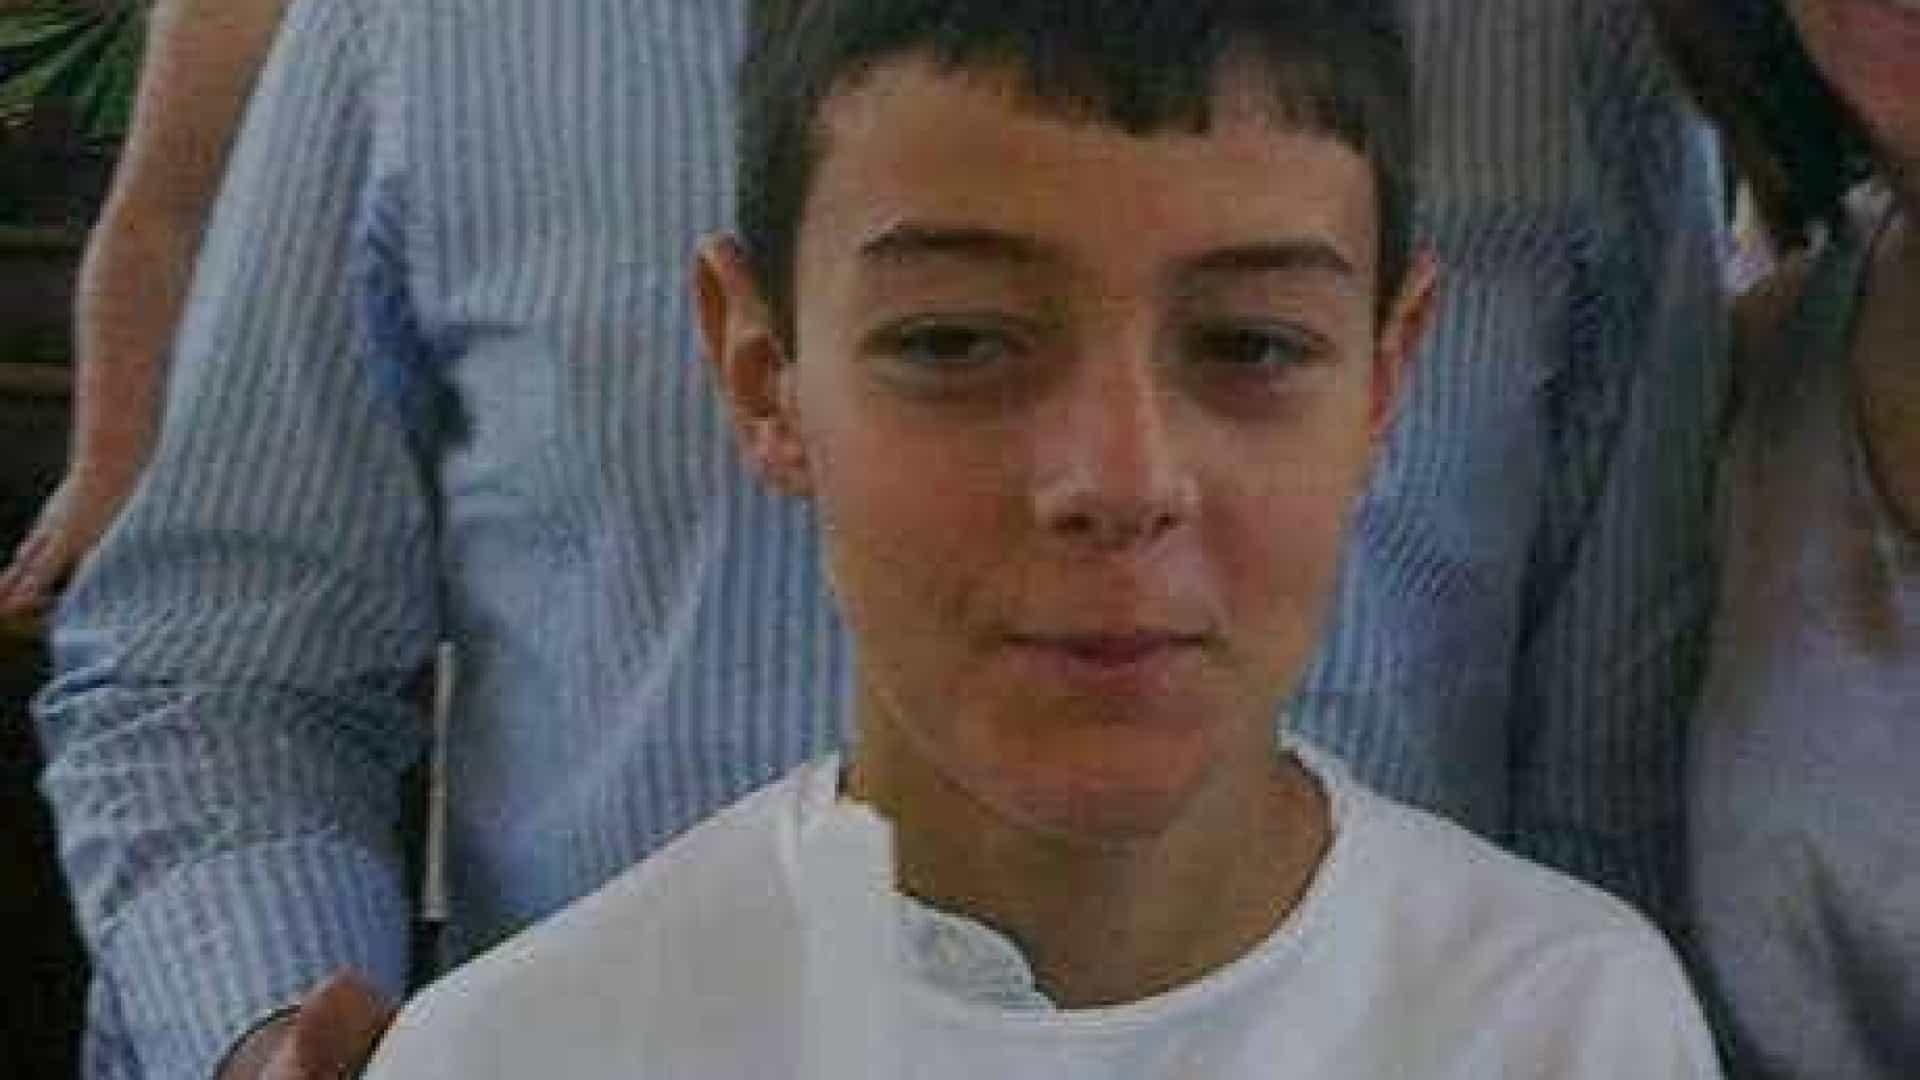 Começa hoje júri de acusados da morte do menino Bernardo Boldrini